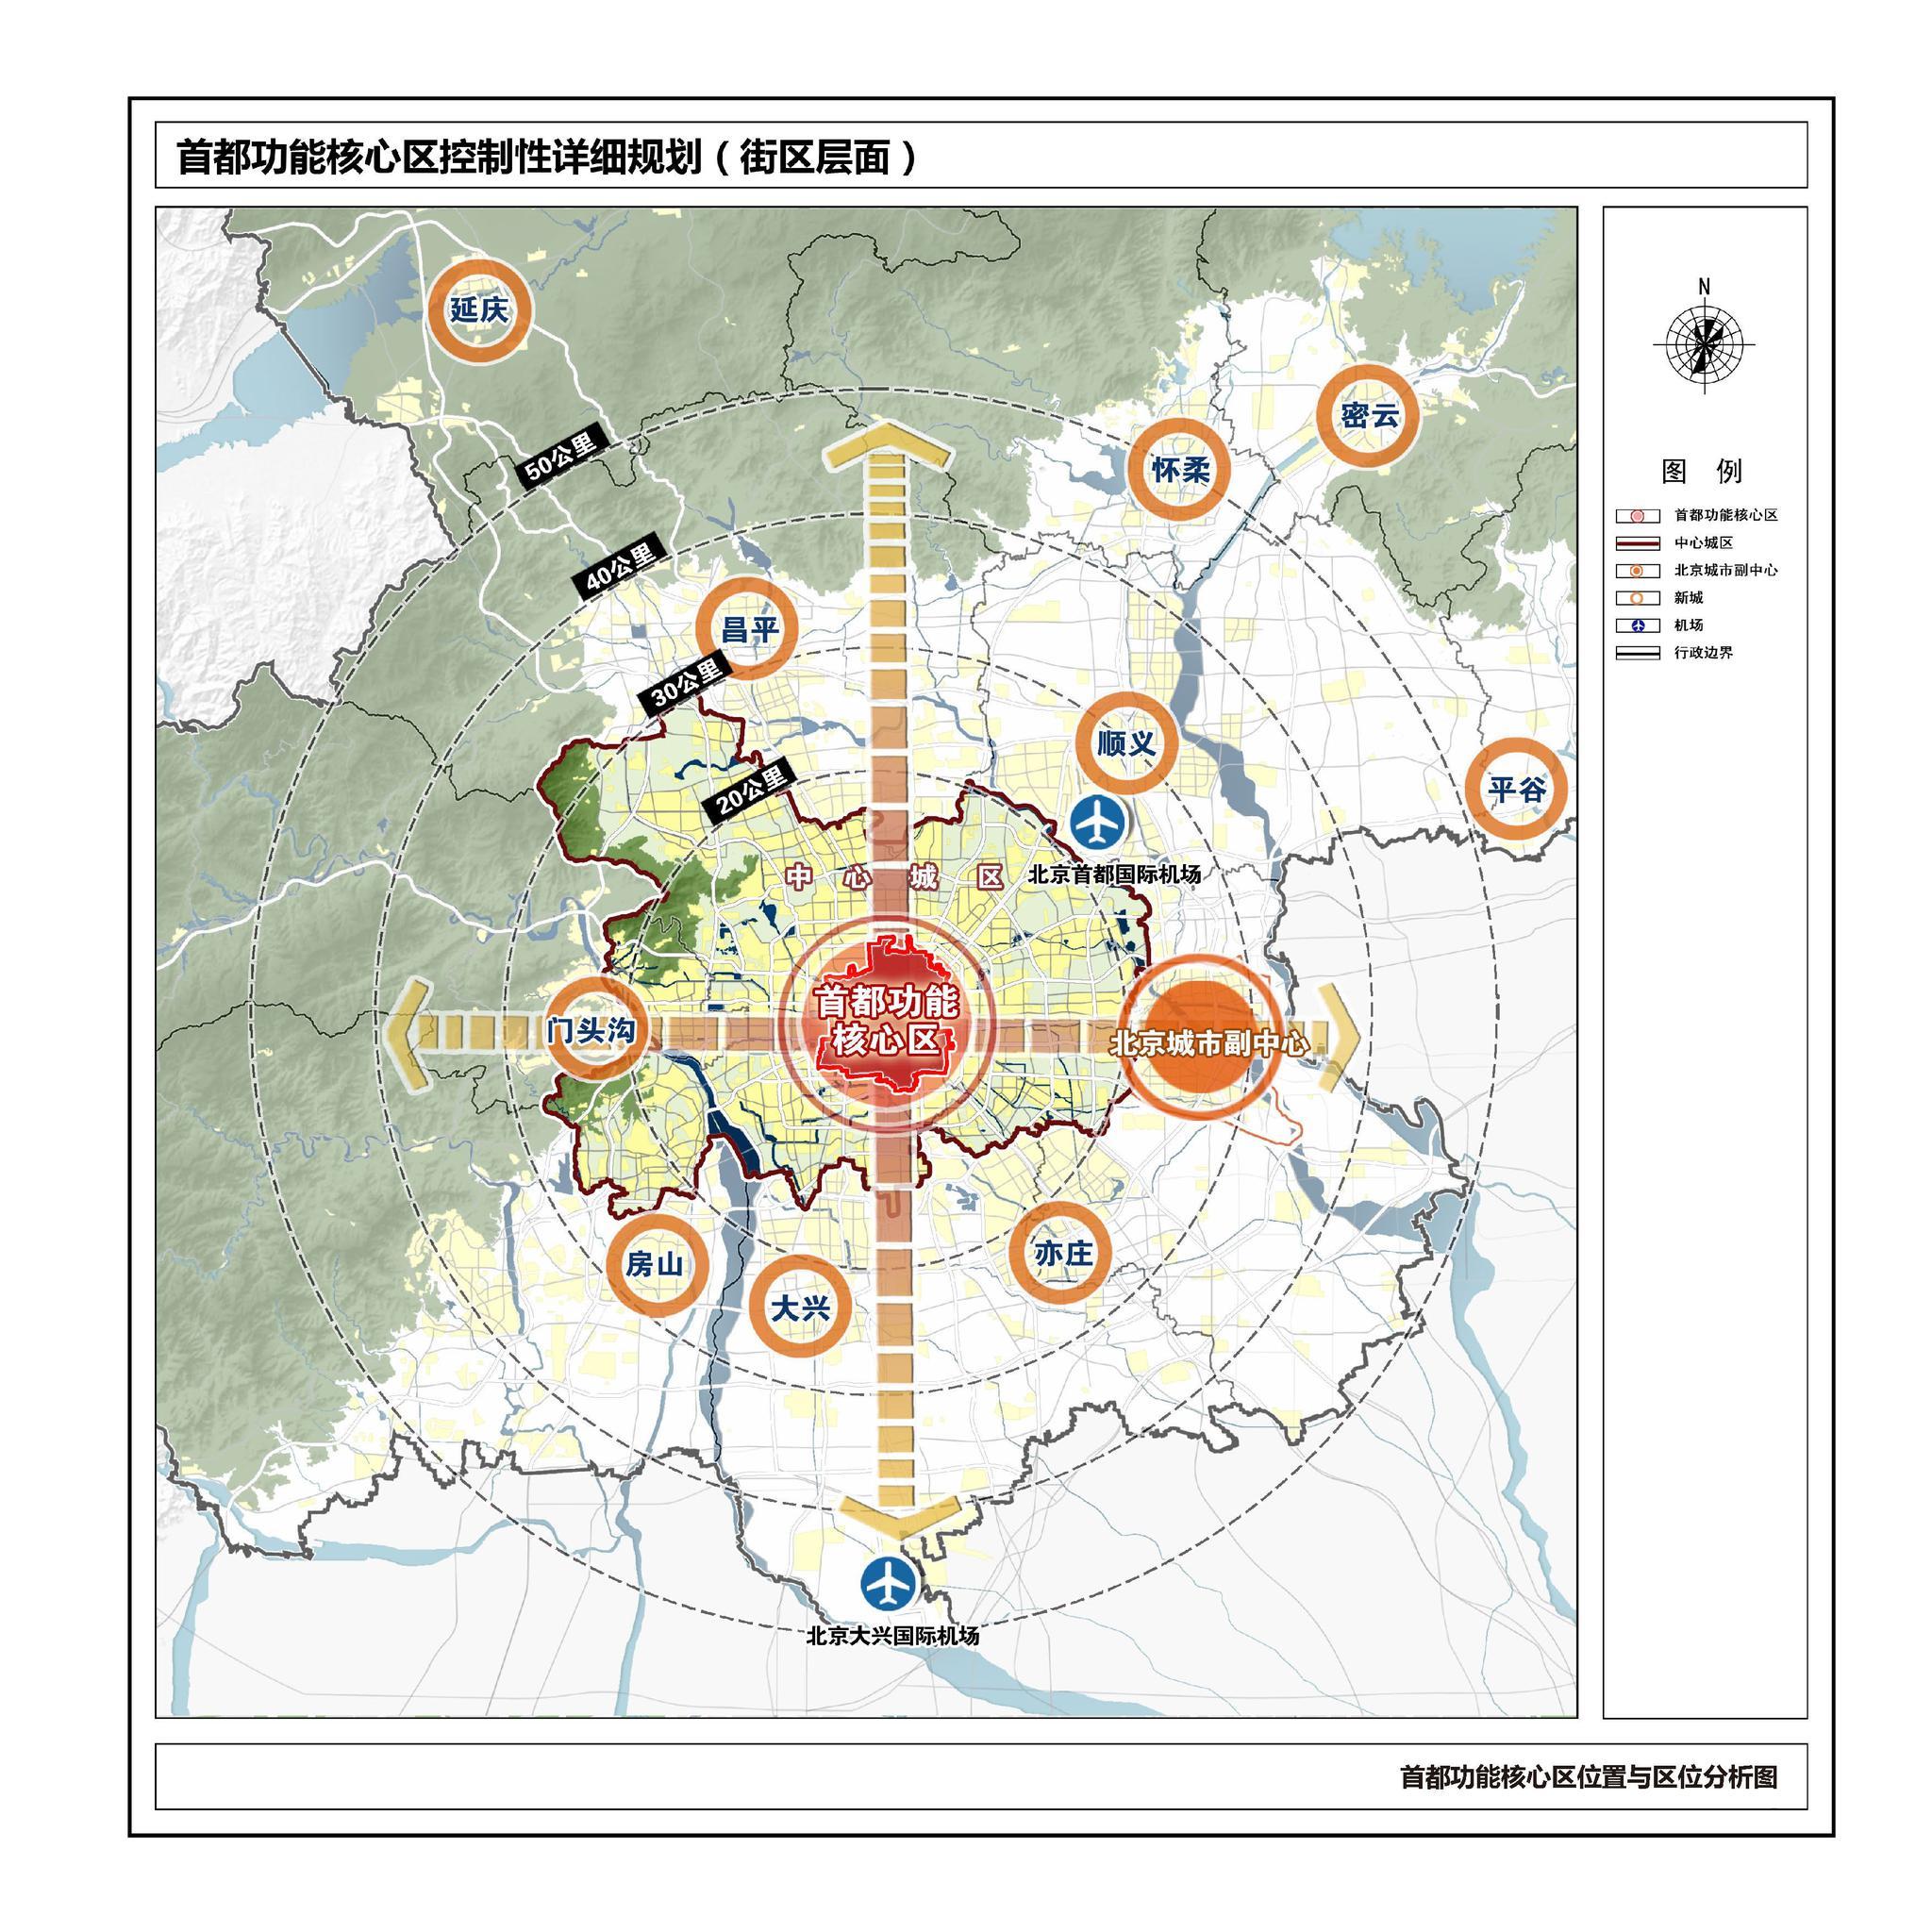 扎佐镇城市规划图